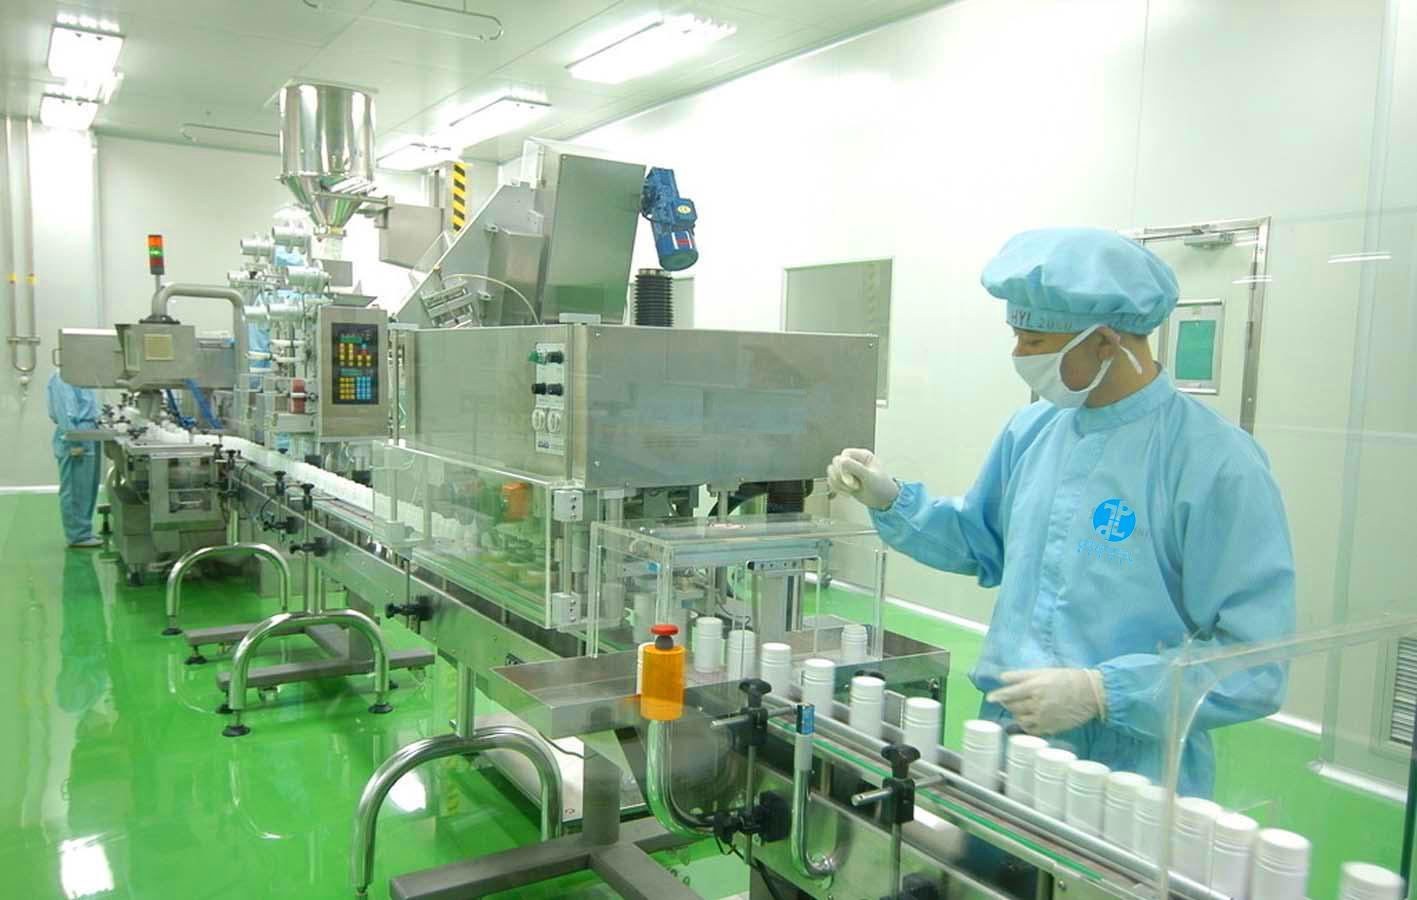 Nhà máy Lifegift nhận gia công thực phẩm chức năng